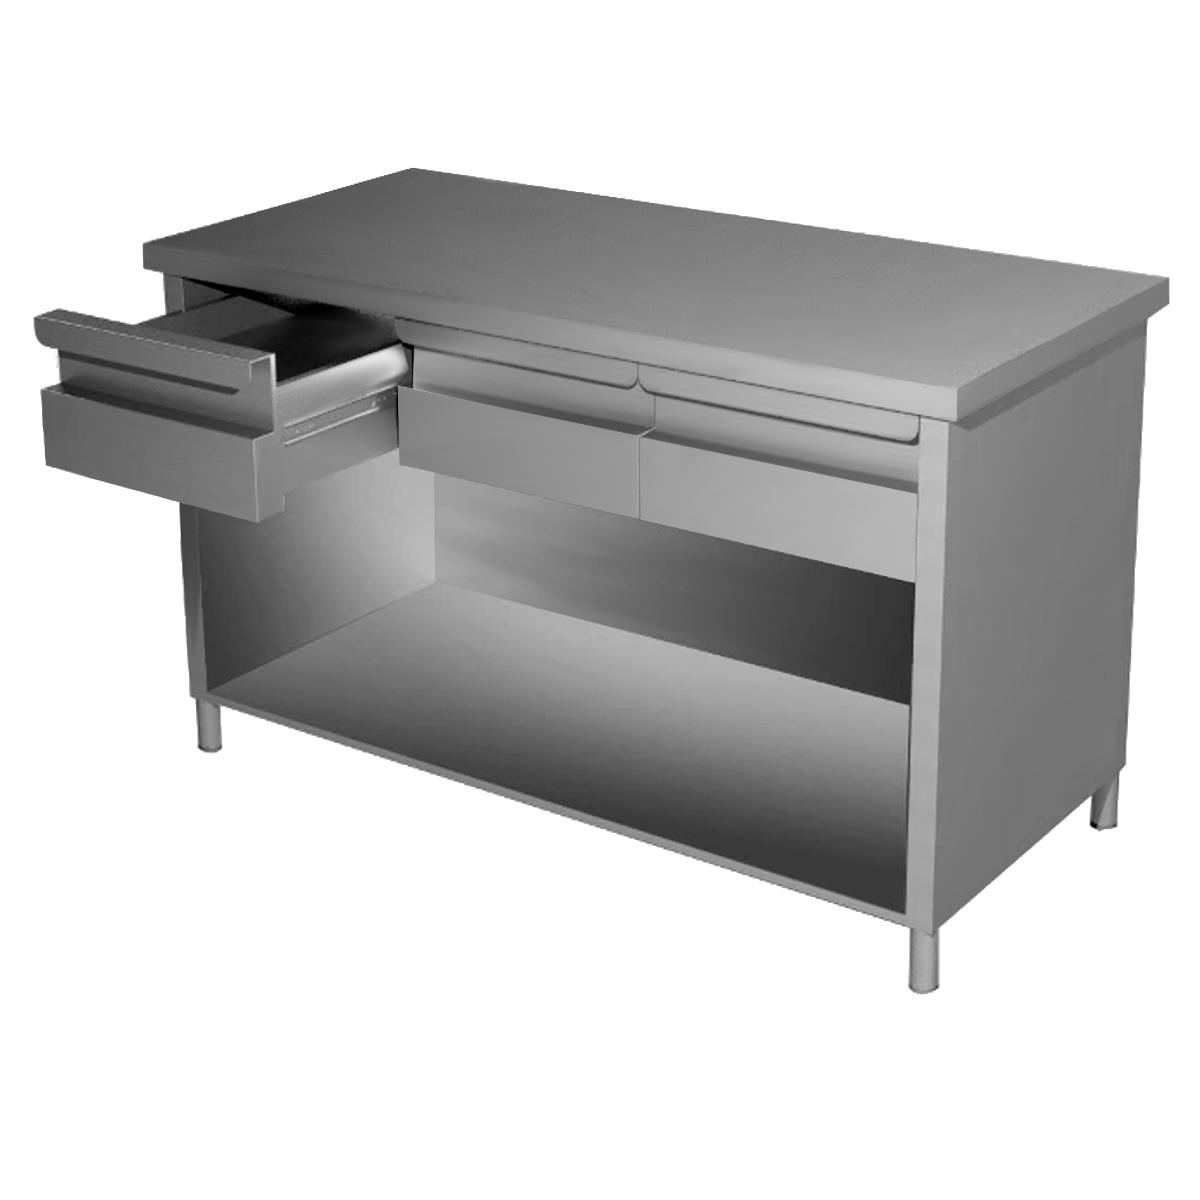 Tavolo inox professionale a giorno con cassetti - Tavoli in acciaio inox ...